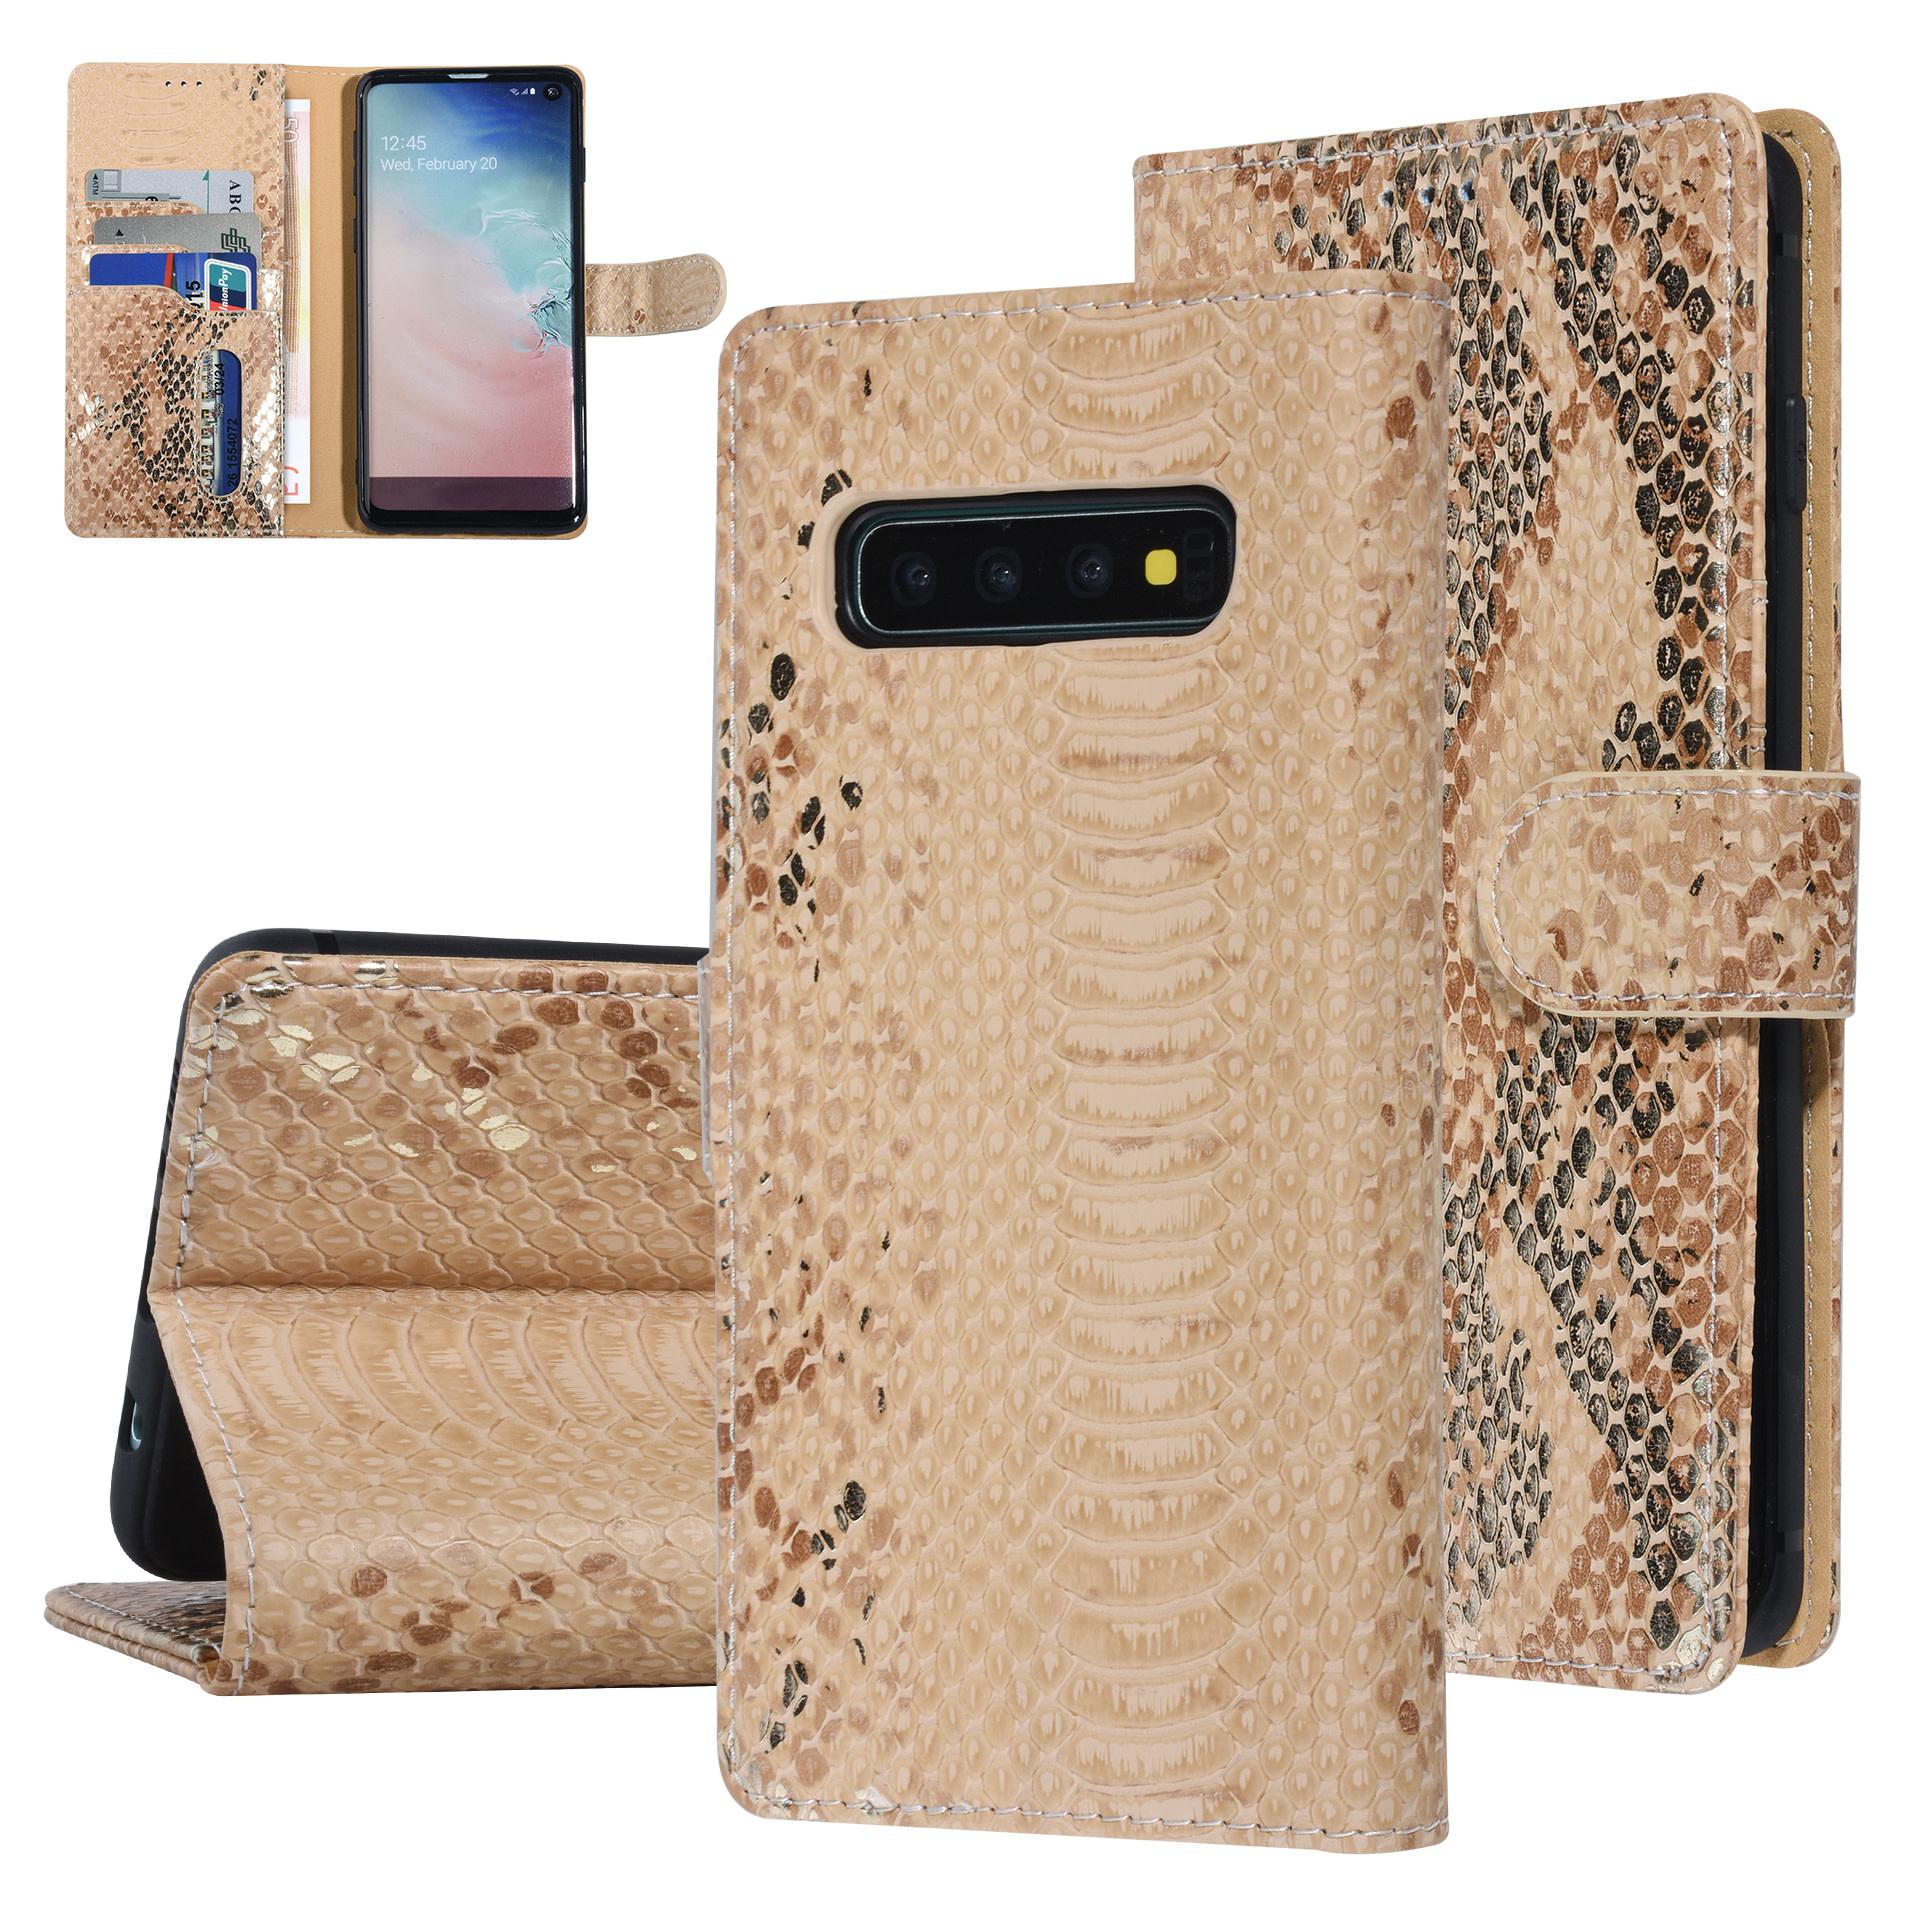 UNIQ Accessory Galaxy S10 Gold Schlangenhaut Book-Case hul